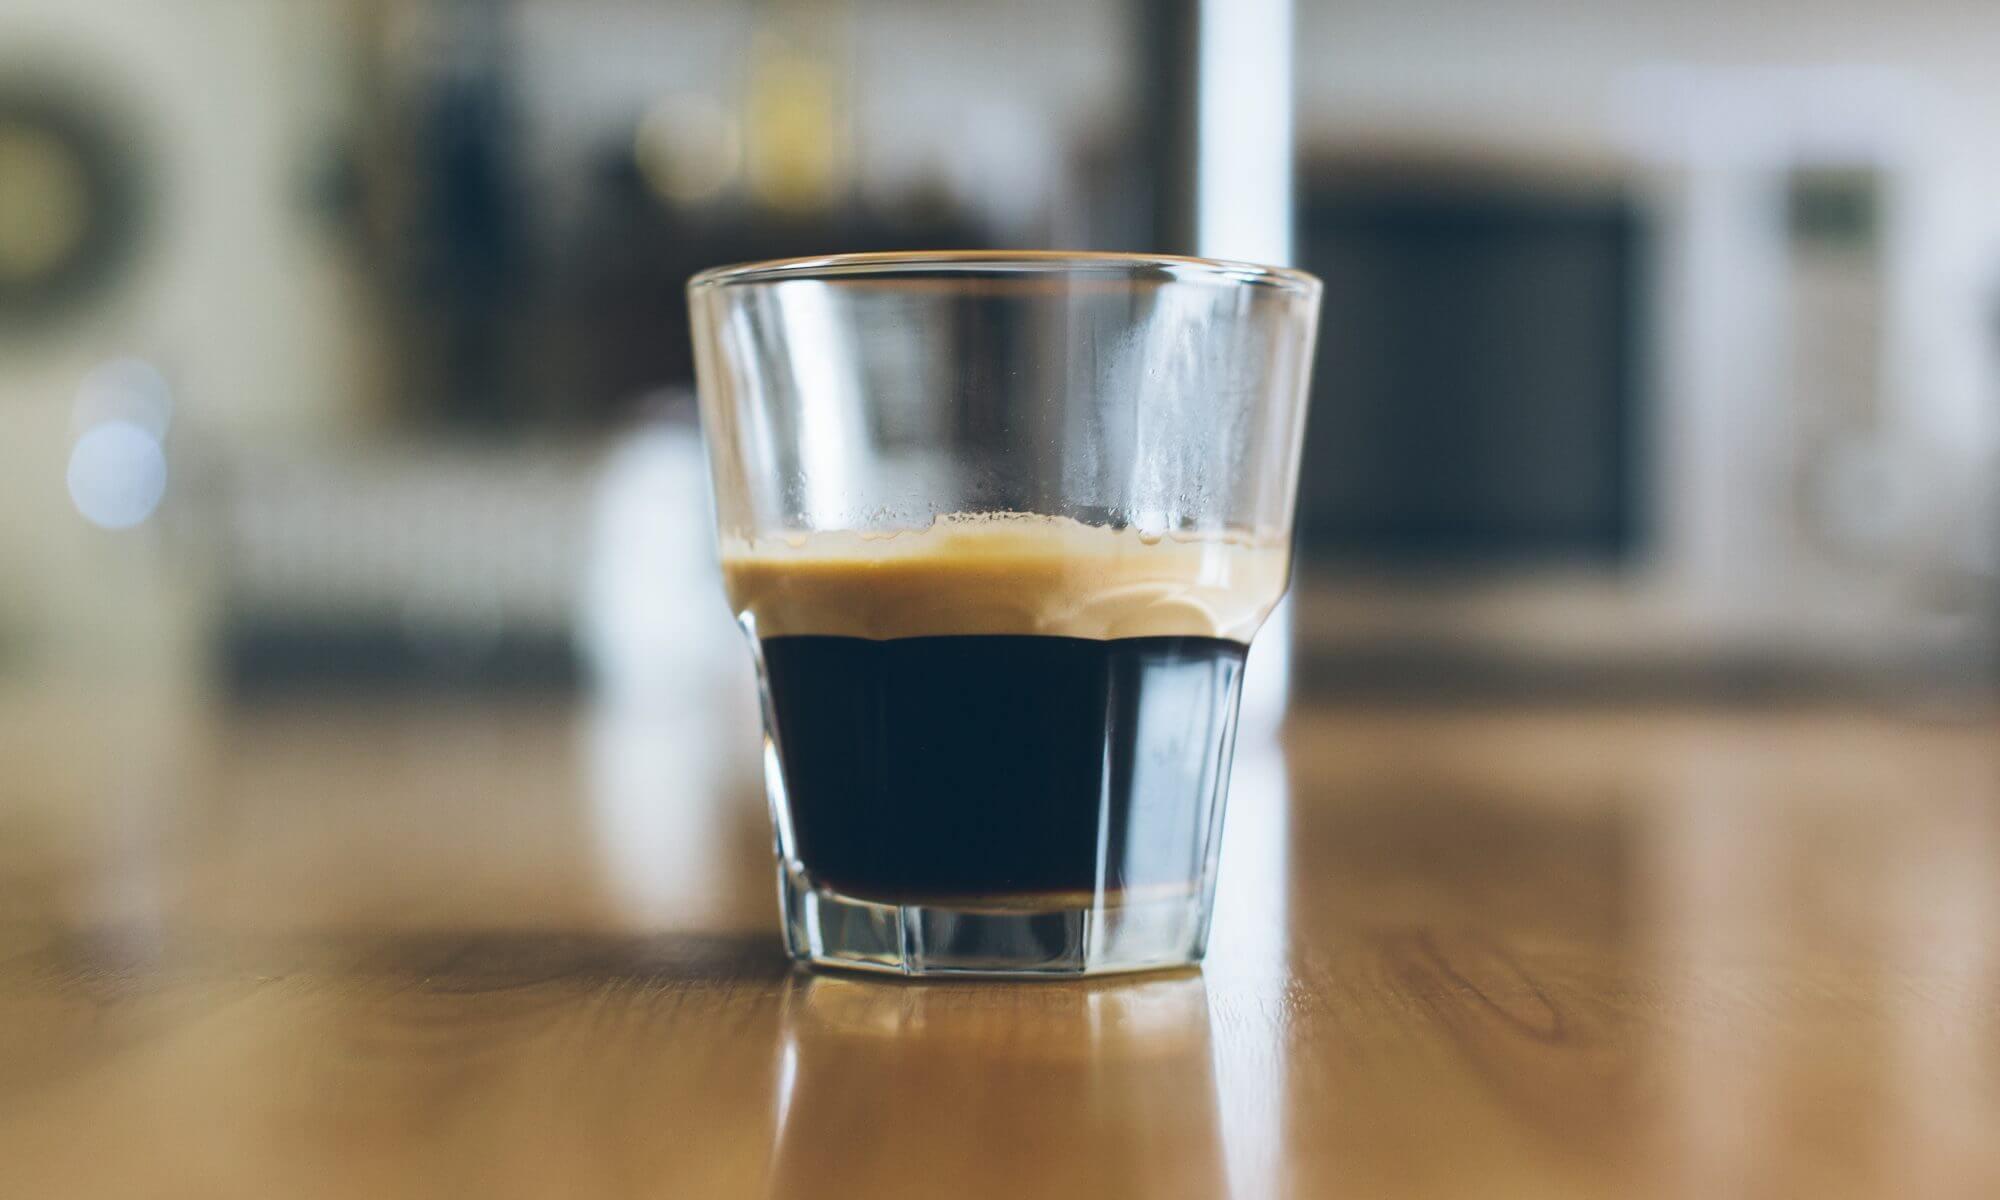 koffie-bedrijfswagen-inrichting-storevan